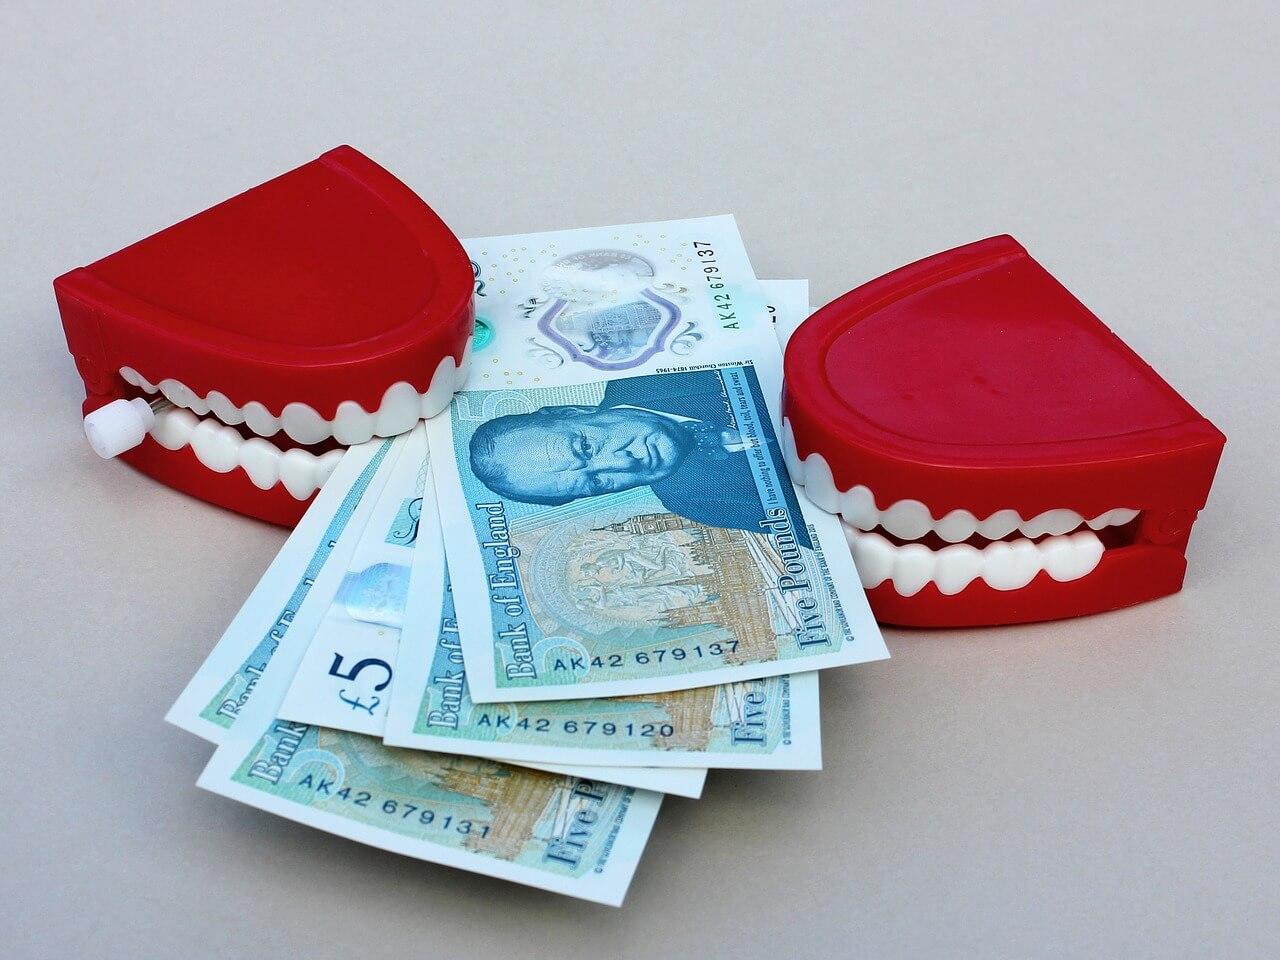 Bankváltás - Előbb cseréljük le párunkat mint bankunkat